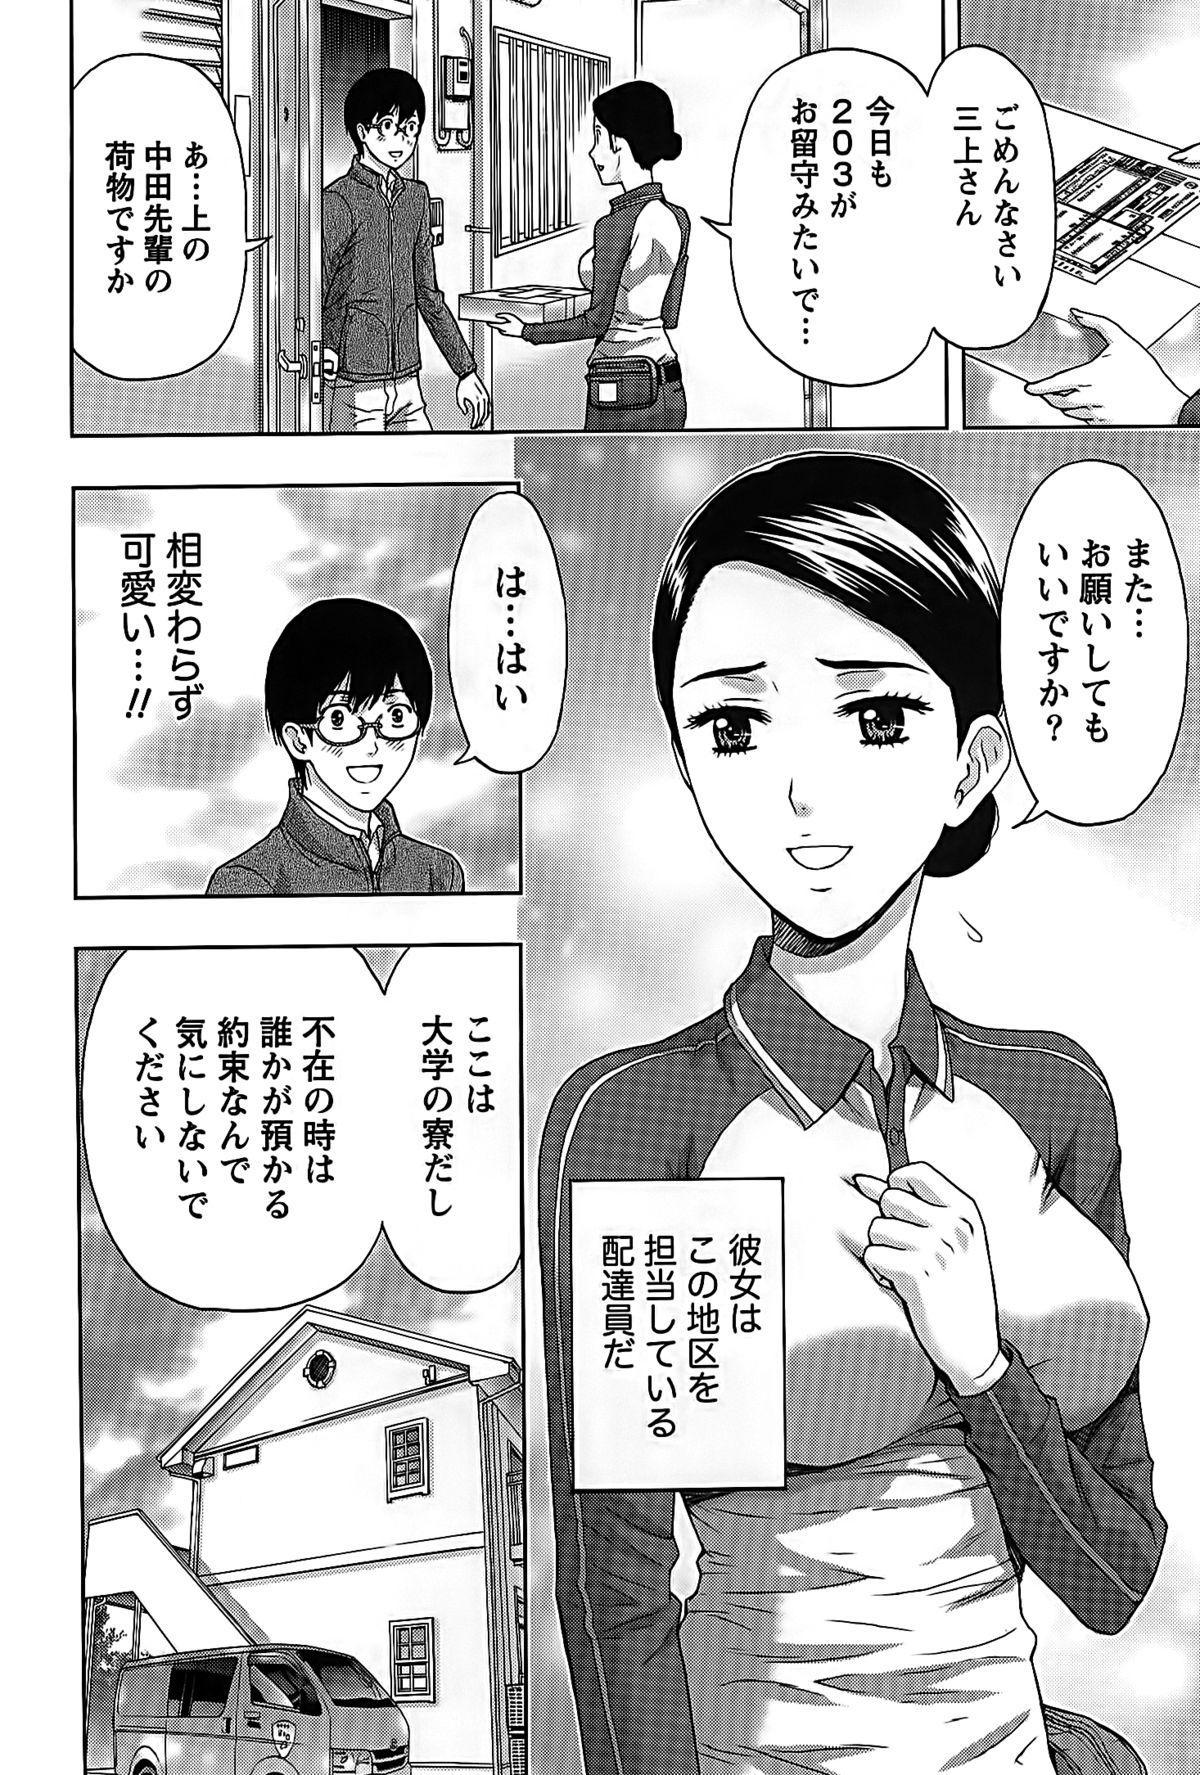 Shittori Lady to Amai Mitsu 47